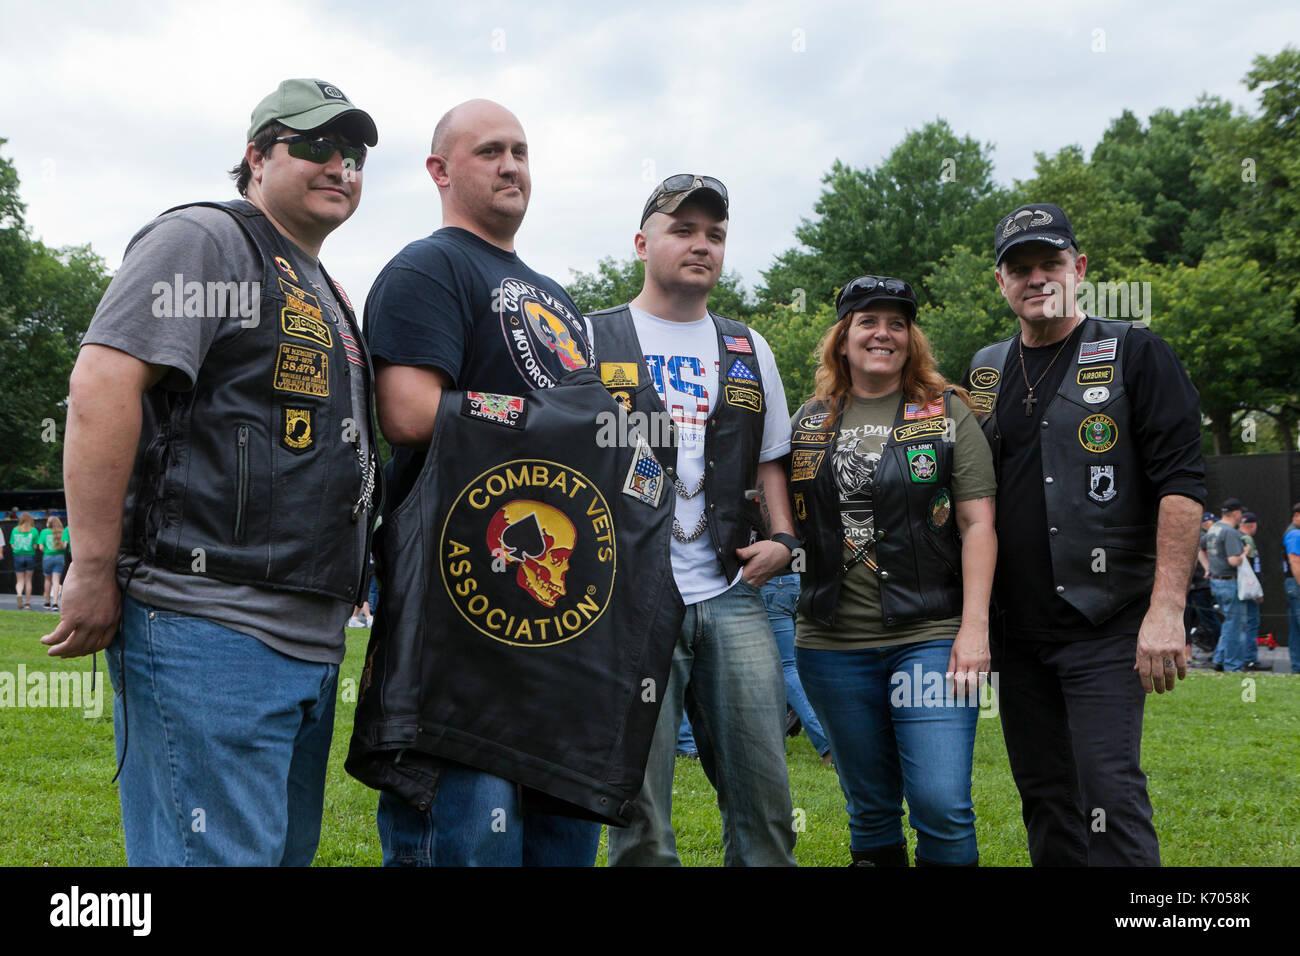 Los miembros de Veteranos de combate Asociación de Motocicletas en el Monumento de la guerra de Vietnam durante el fin de semana de Memorial Day - Washington, DC, EE.UU. Imagen De Stock